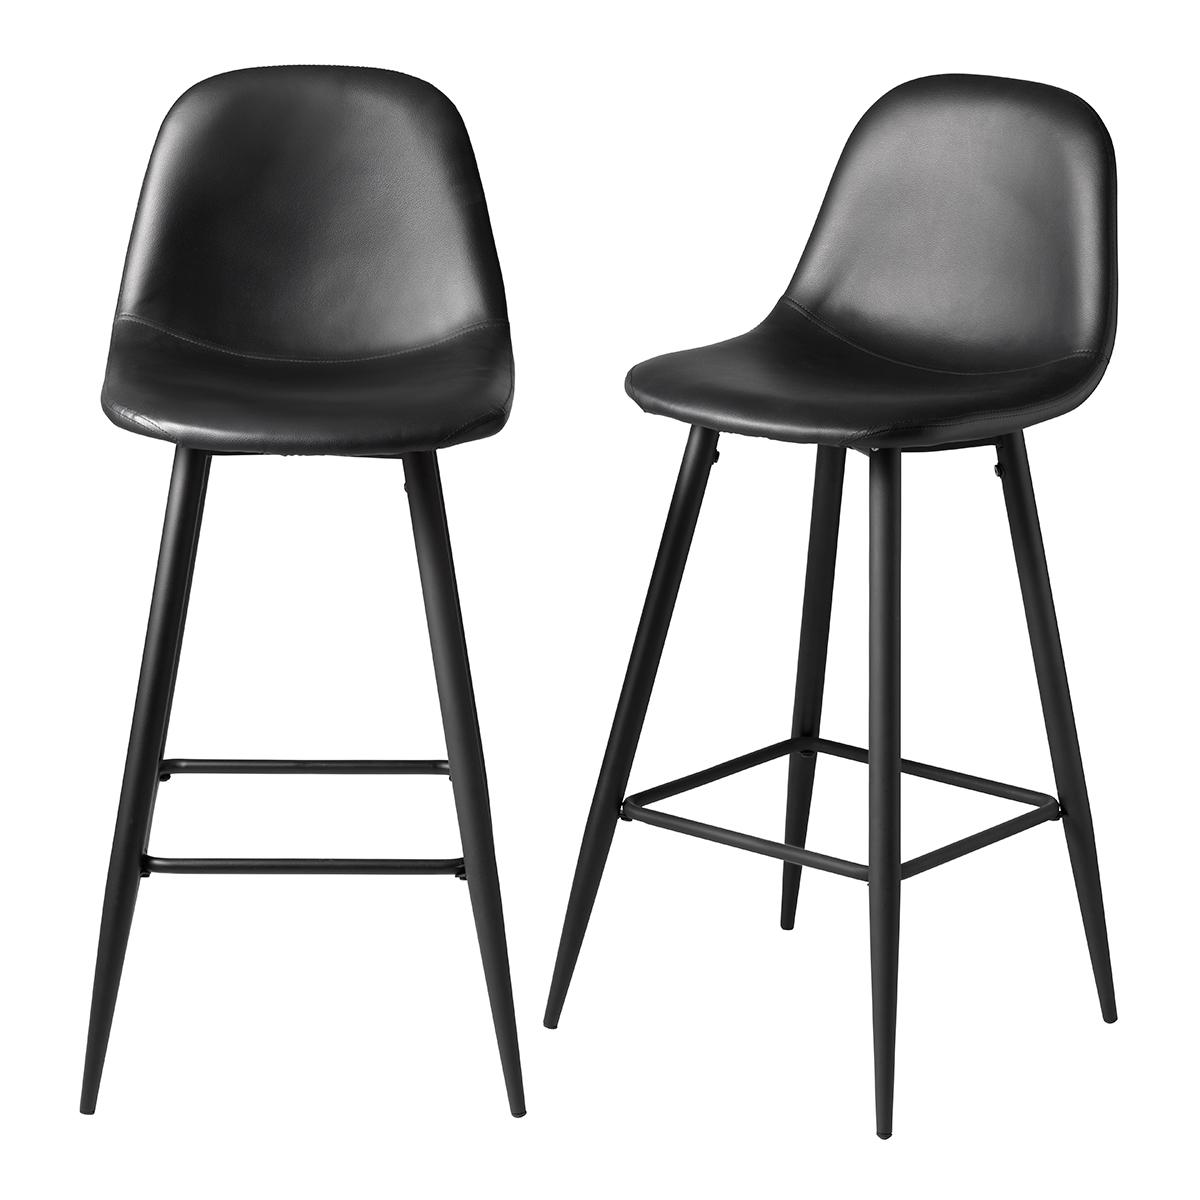 Bænke & barstole